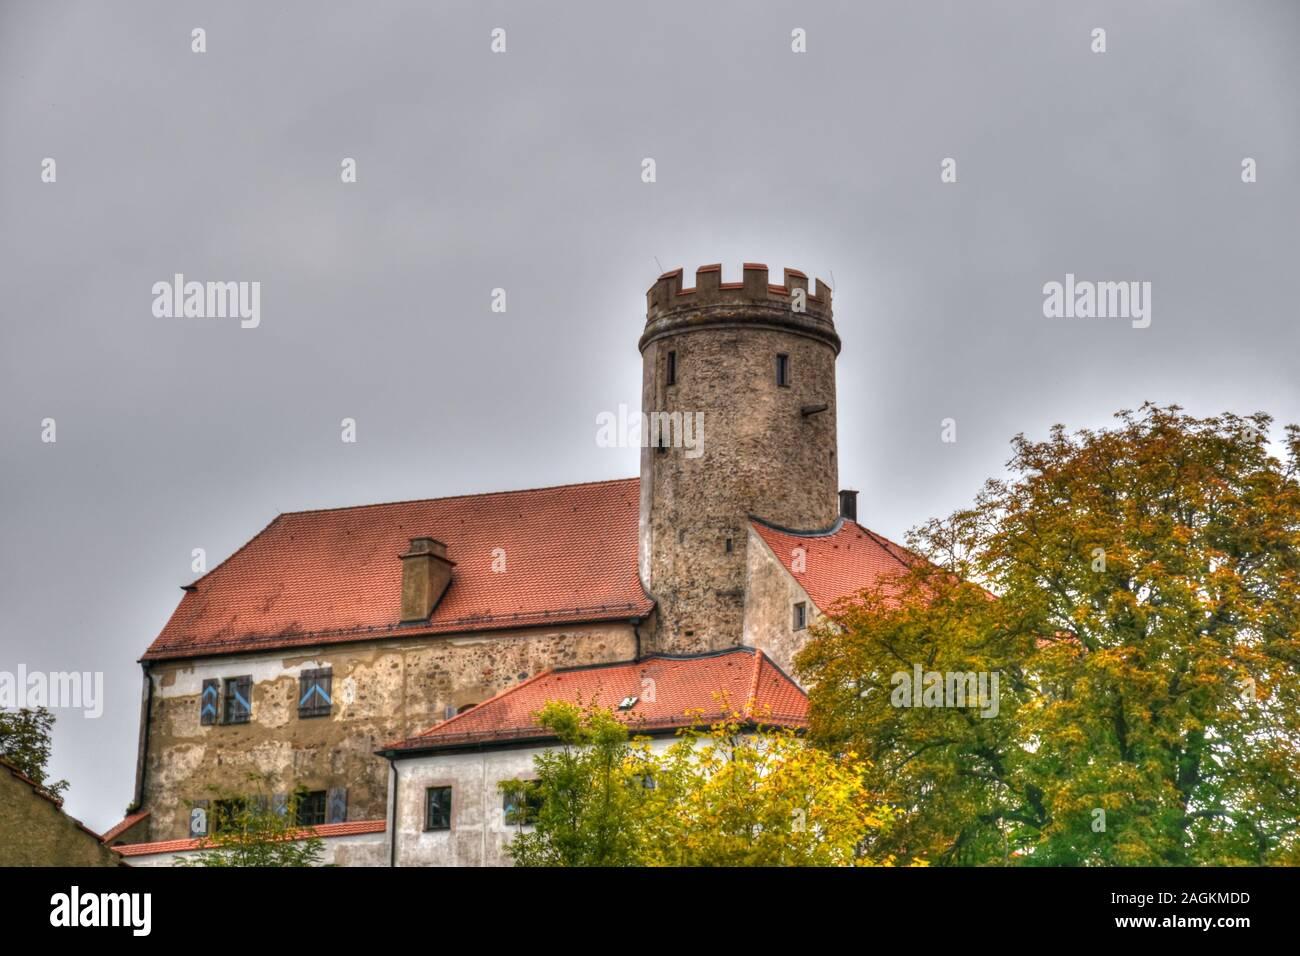 Thierlstein, Schloss, Burg Lichtenstein, Burg, Bergfried, Quarzfelsen, Pfahl, Schloss Thierlstein, Cham, Oberpfalz, Pfalz, Landkreis, Bayern, Turm, Bu Stock Photo